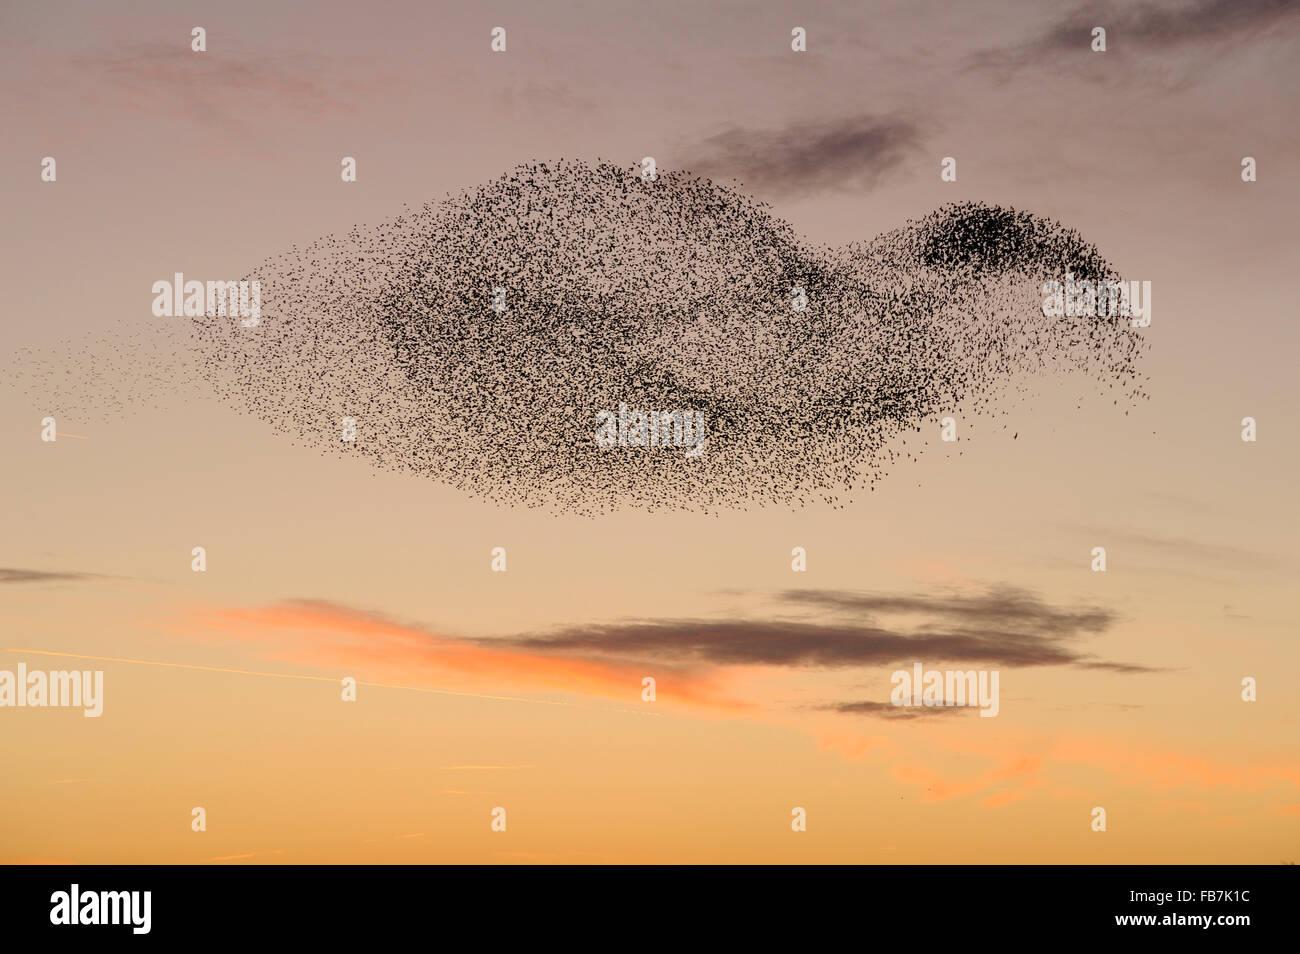 Rebaño estornino (Sturnus vulgaris) en la puesta de sol, con el halcón peregrino (Falco peregrinus) volando cerca del rebaño. Foto de stock